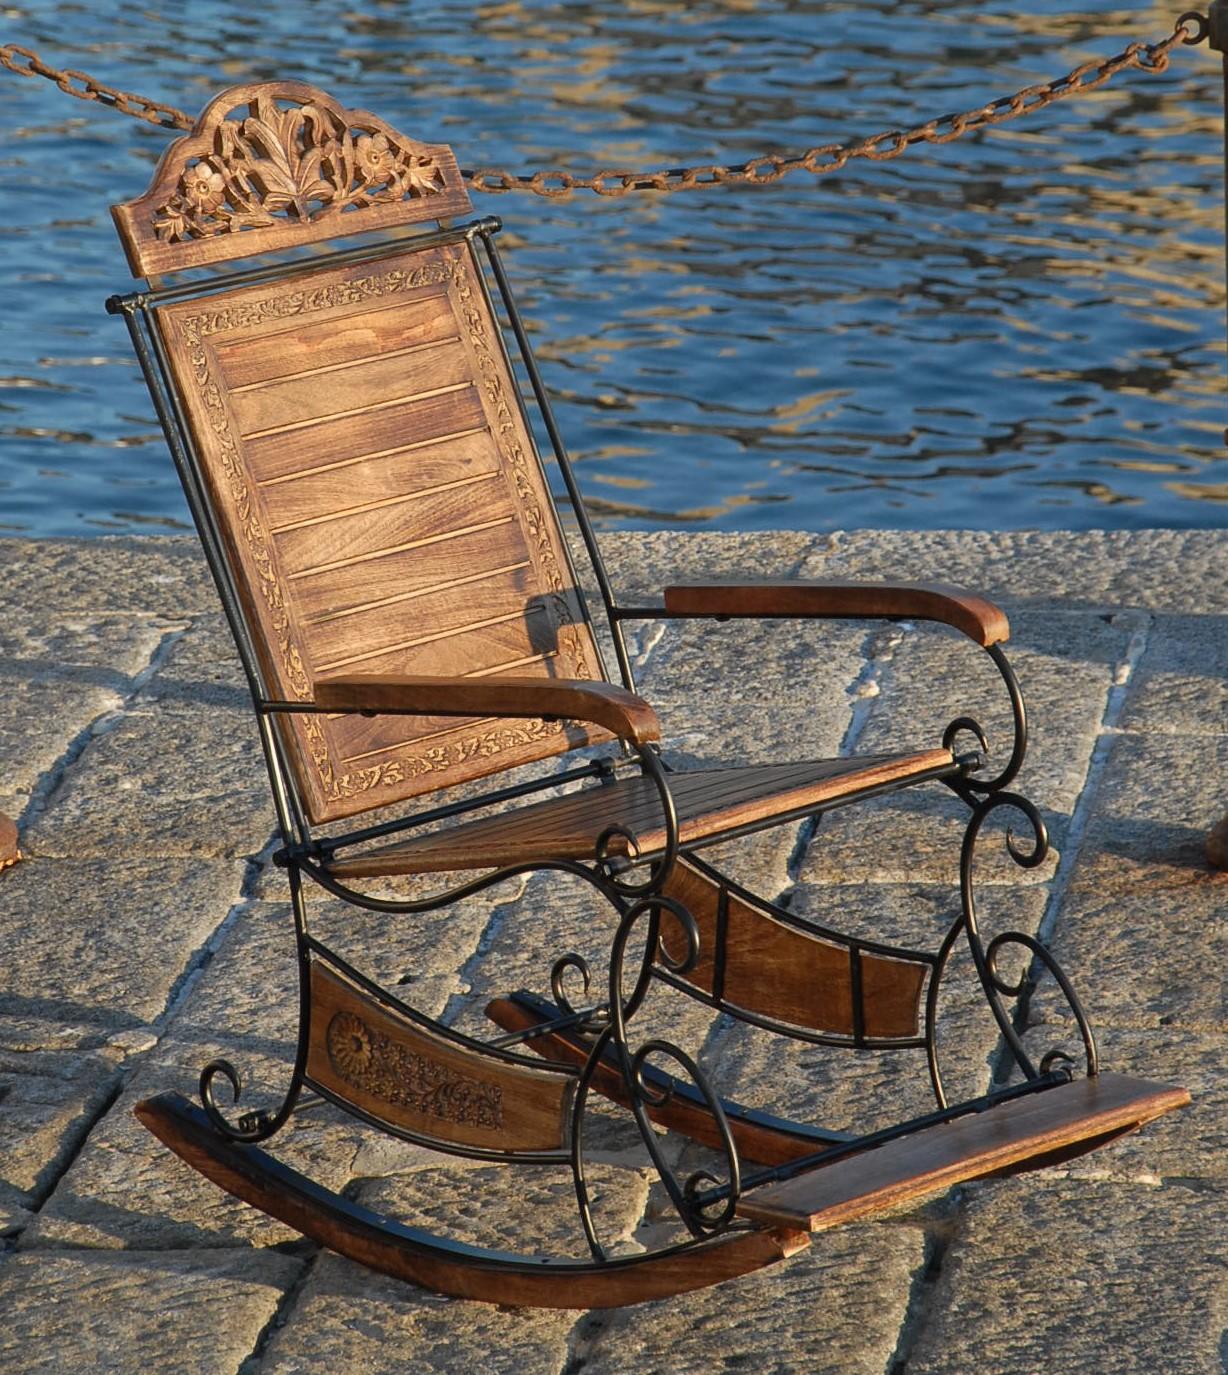 Sedia a dondolo in legno di mango e ferro battuto completamente lavorata a mano ebay - Sedia a dondolo prezzi ...